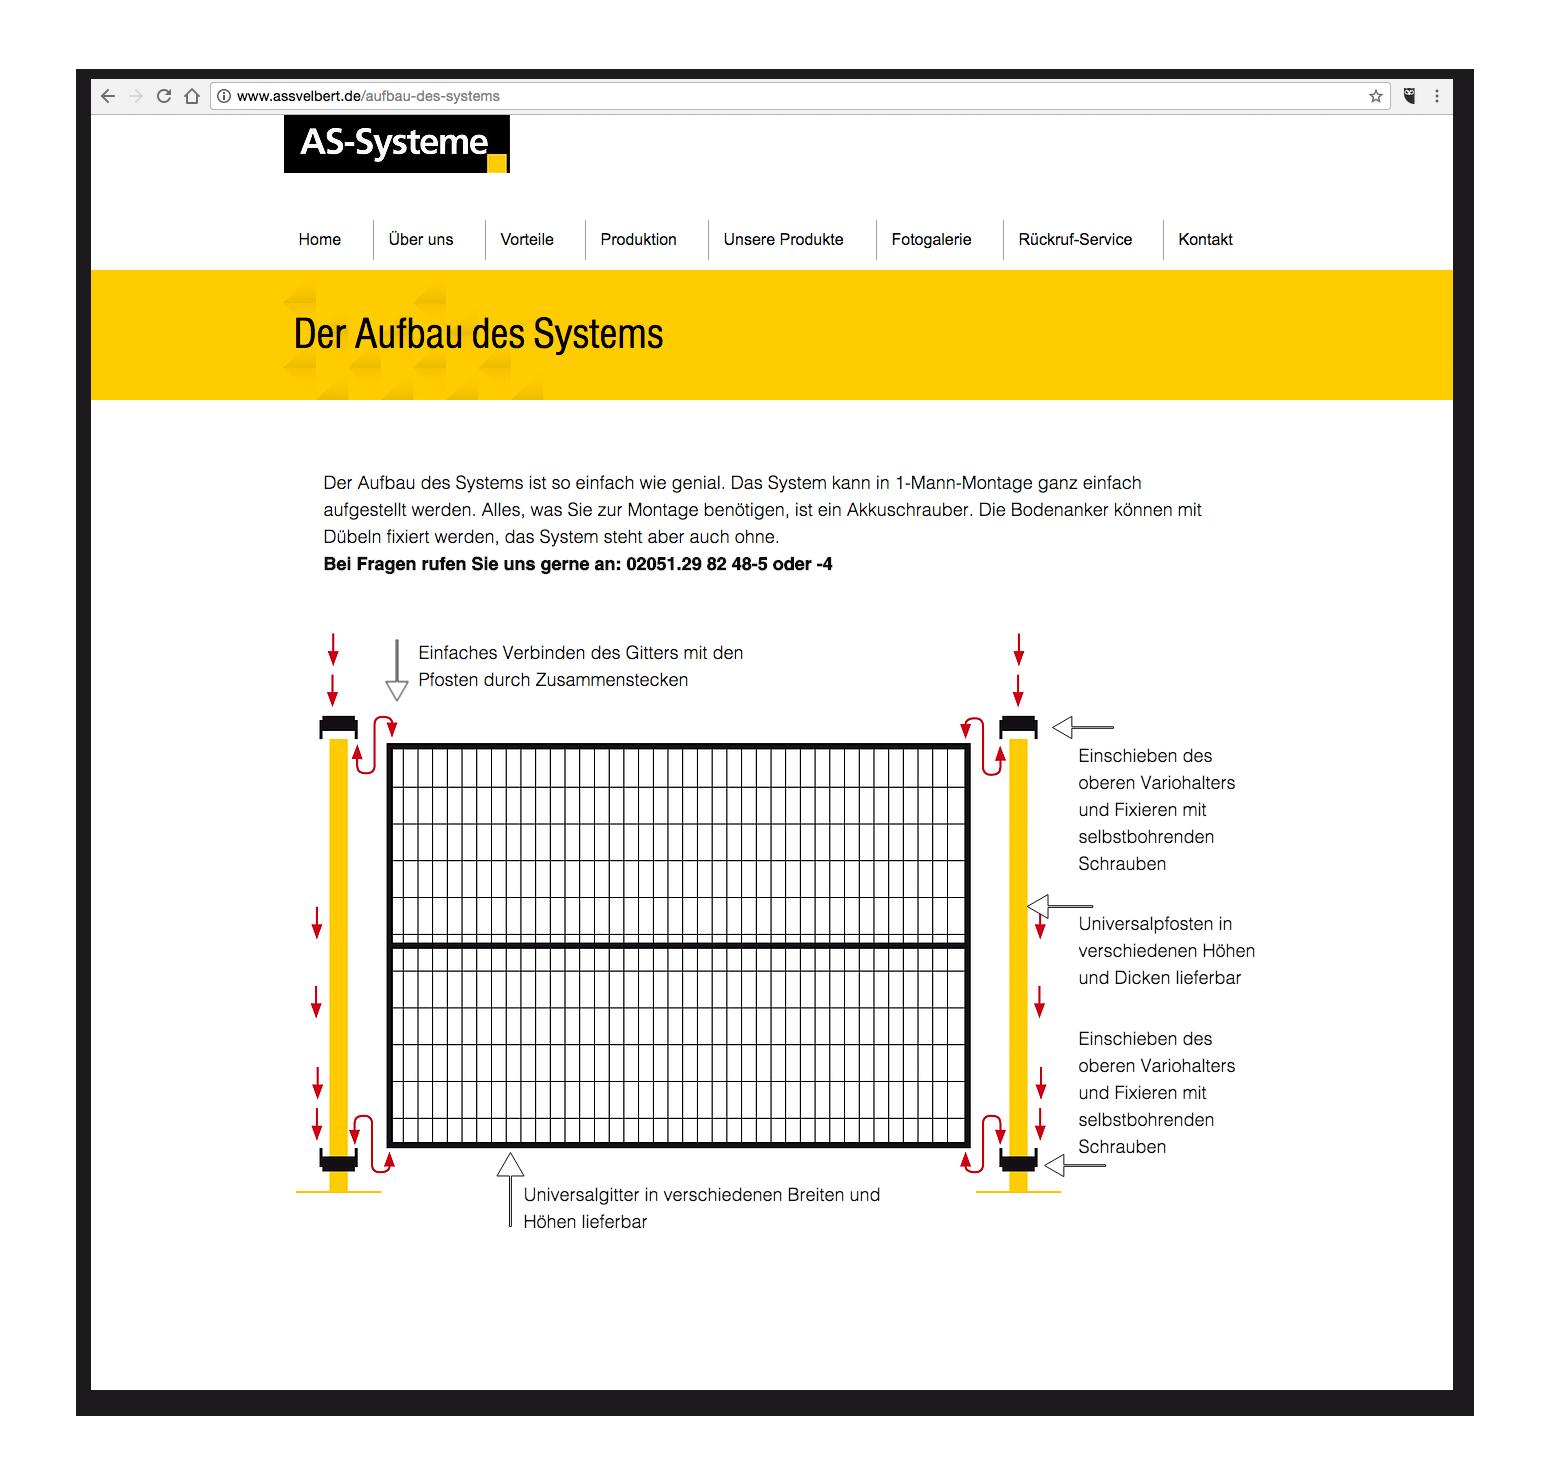 AS-Systeme - Aufbau